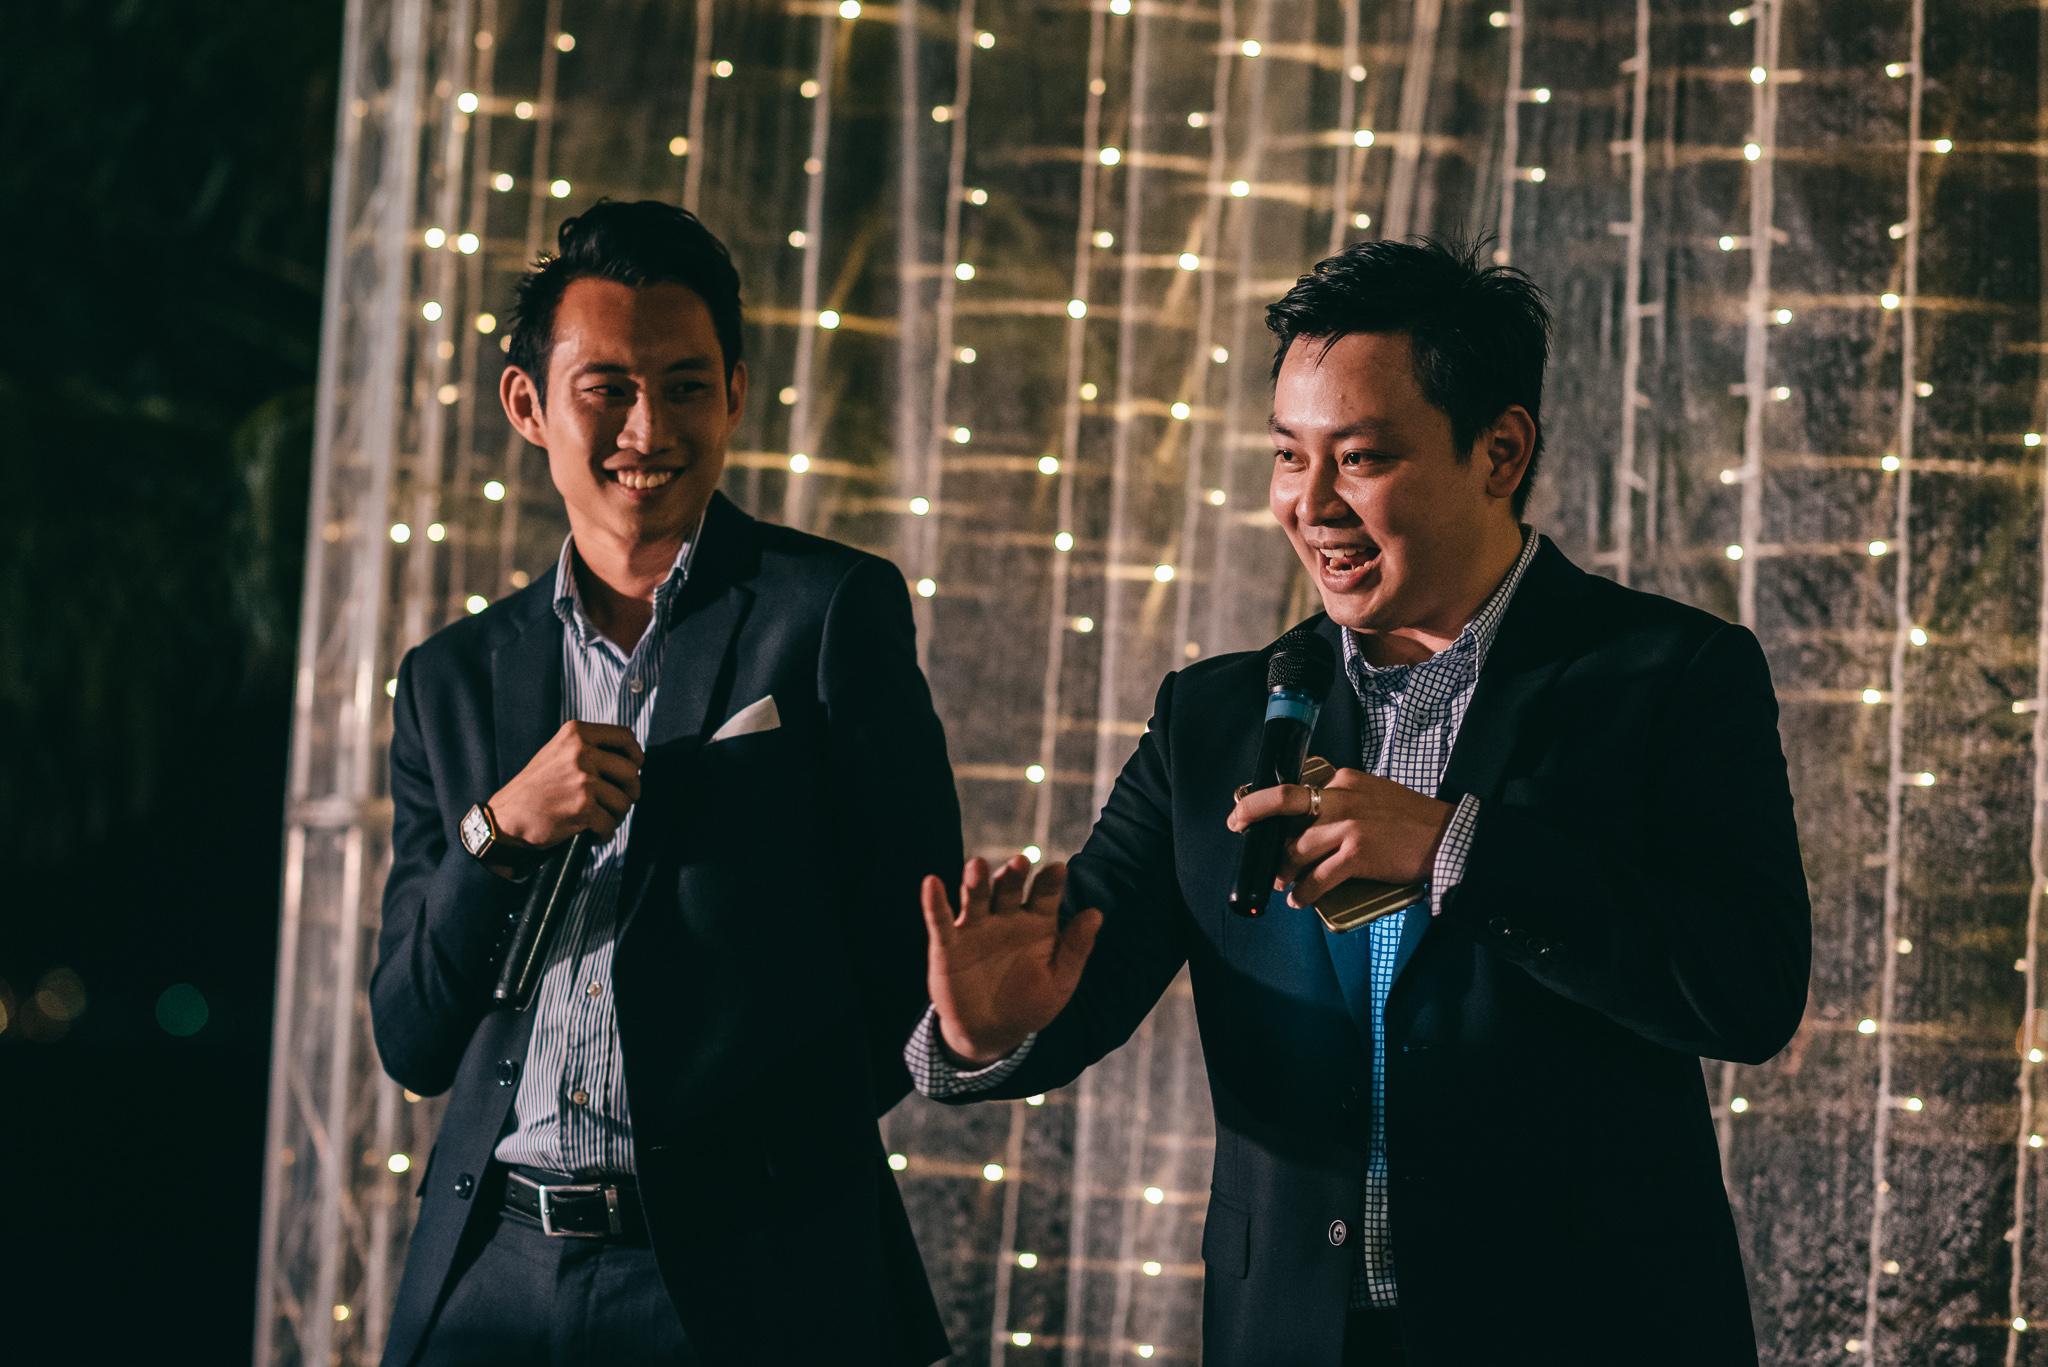 Lionel & Karen Wedding Day Highlights (resized for sharing) - 197.jpg